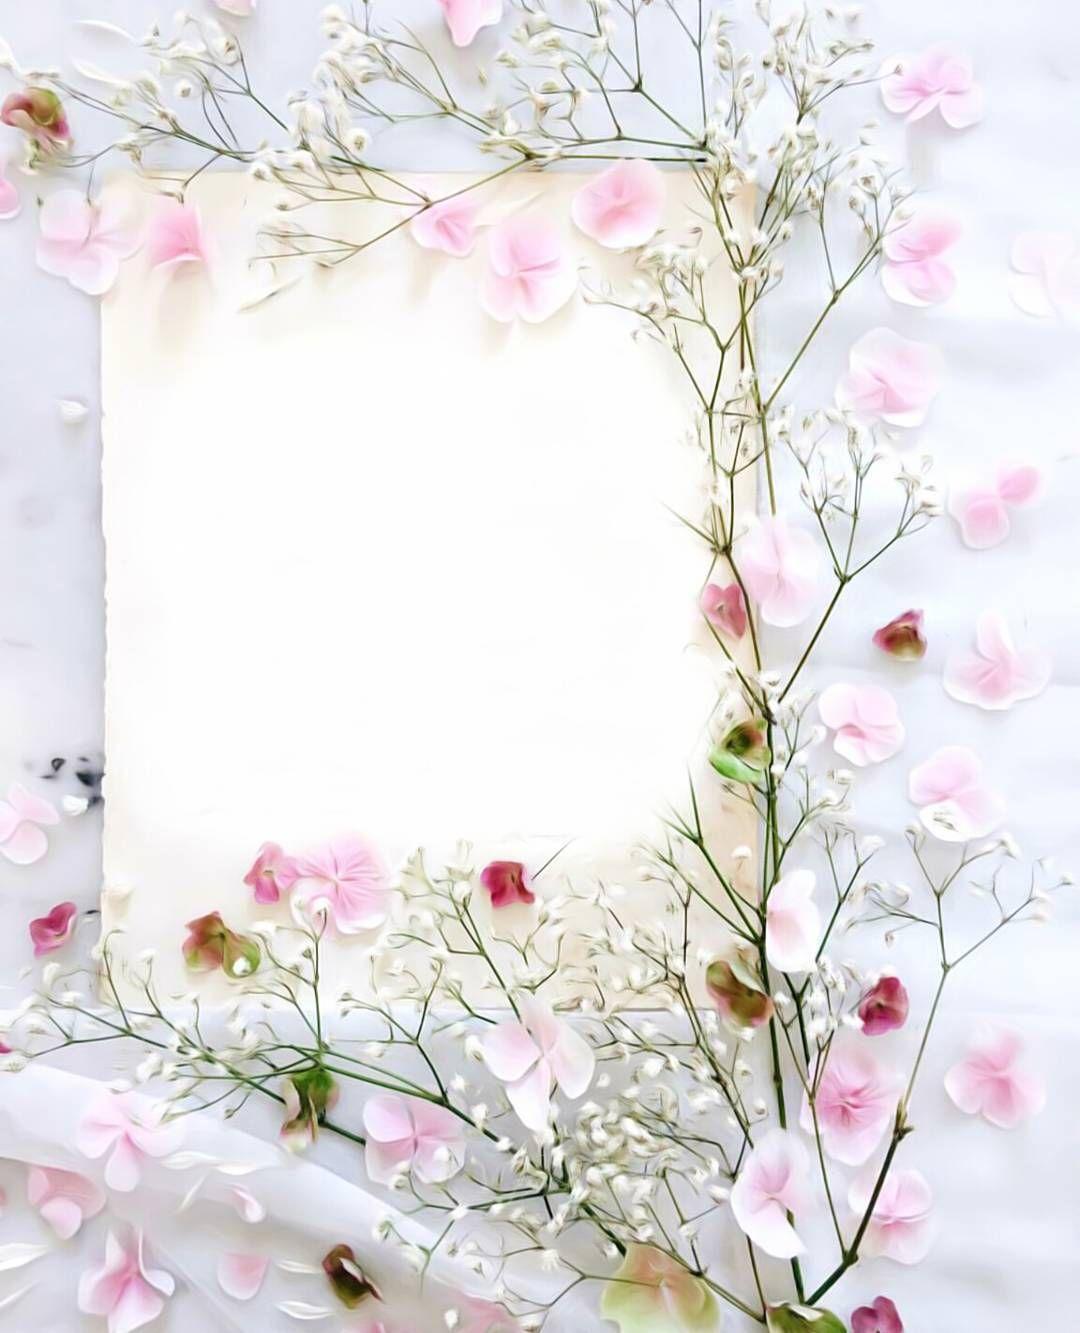 صل على الحبيب المصطفى عليه افضل الصلاة والسلام اذكر الله يذكرك اللهم ارحم والدي و اغفر ل Flower Background Wallpaper Flower Backgrounds Flower Frame